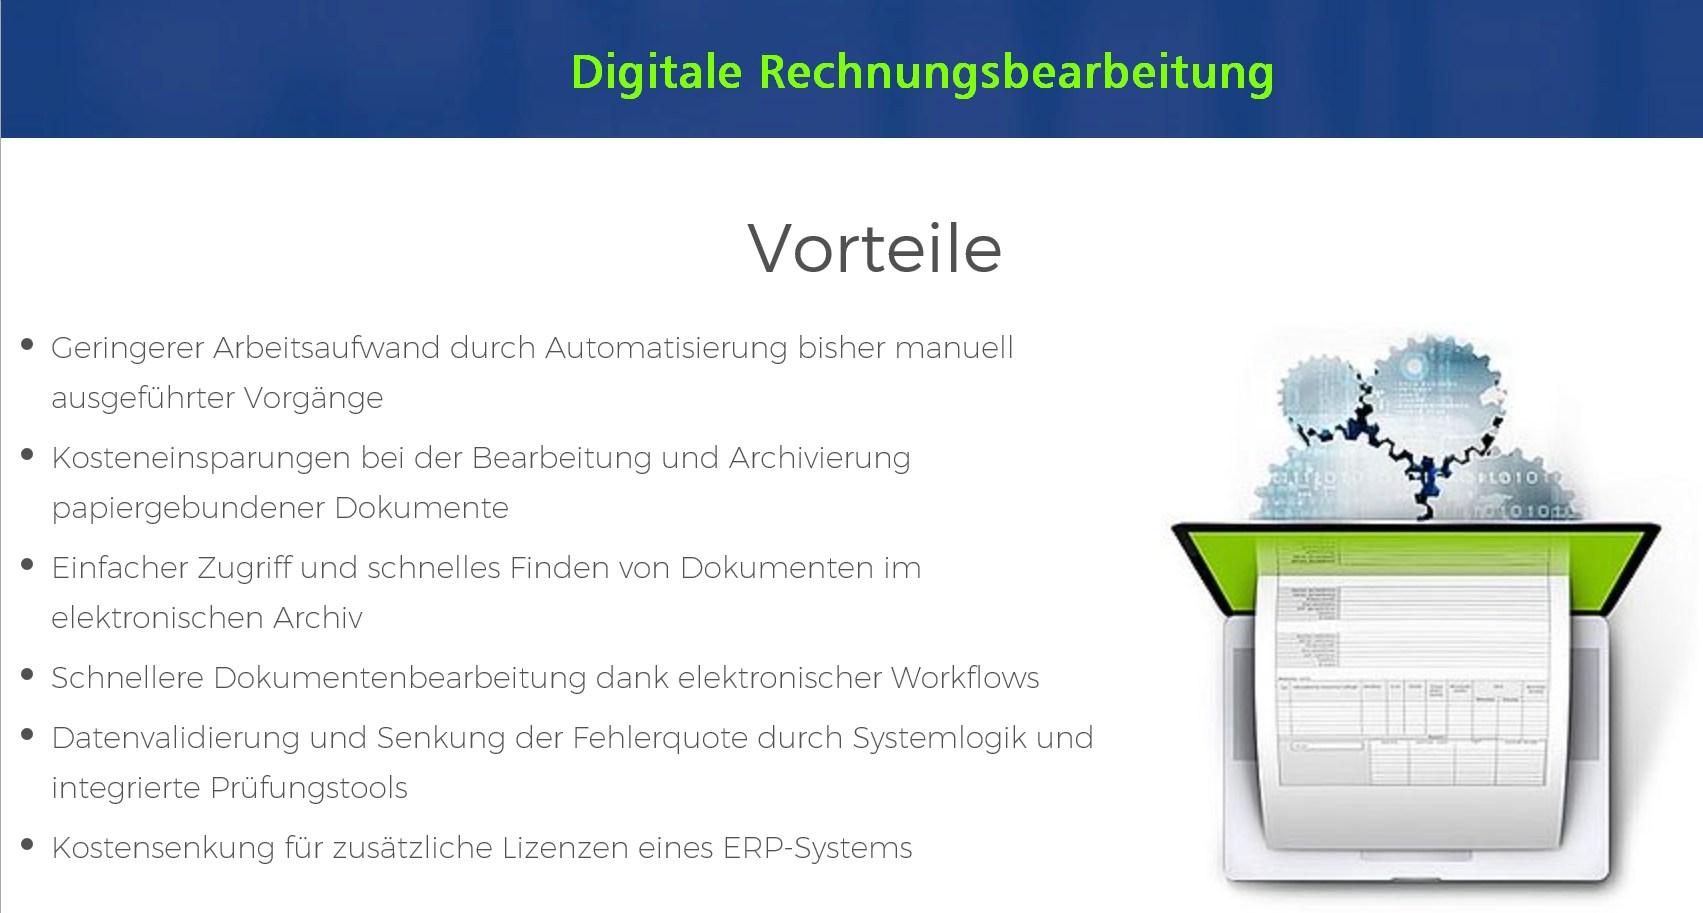 screen comarch digitale rechnungsbearbeitung